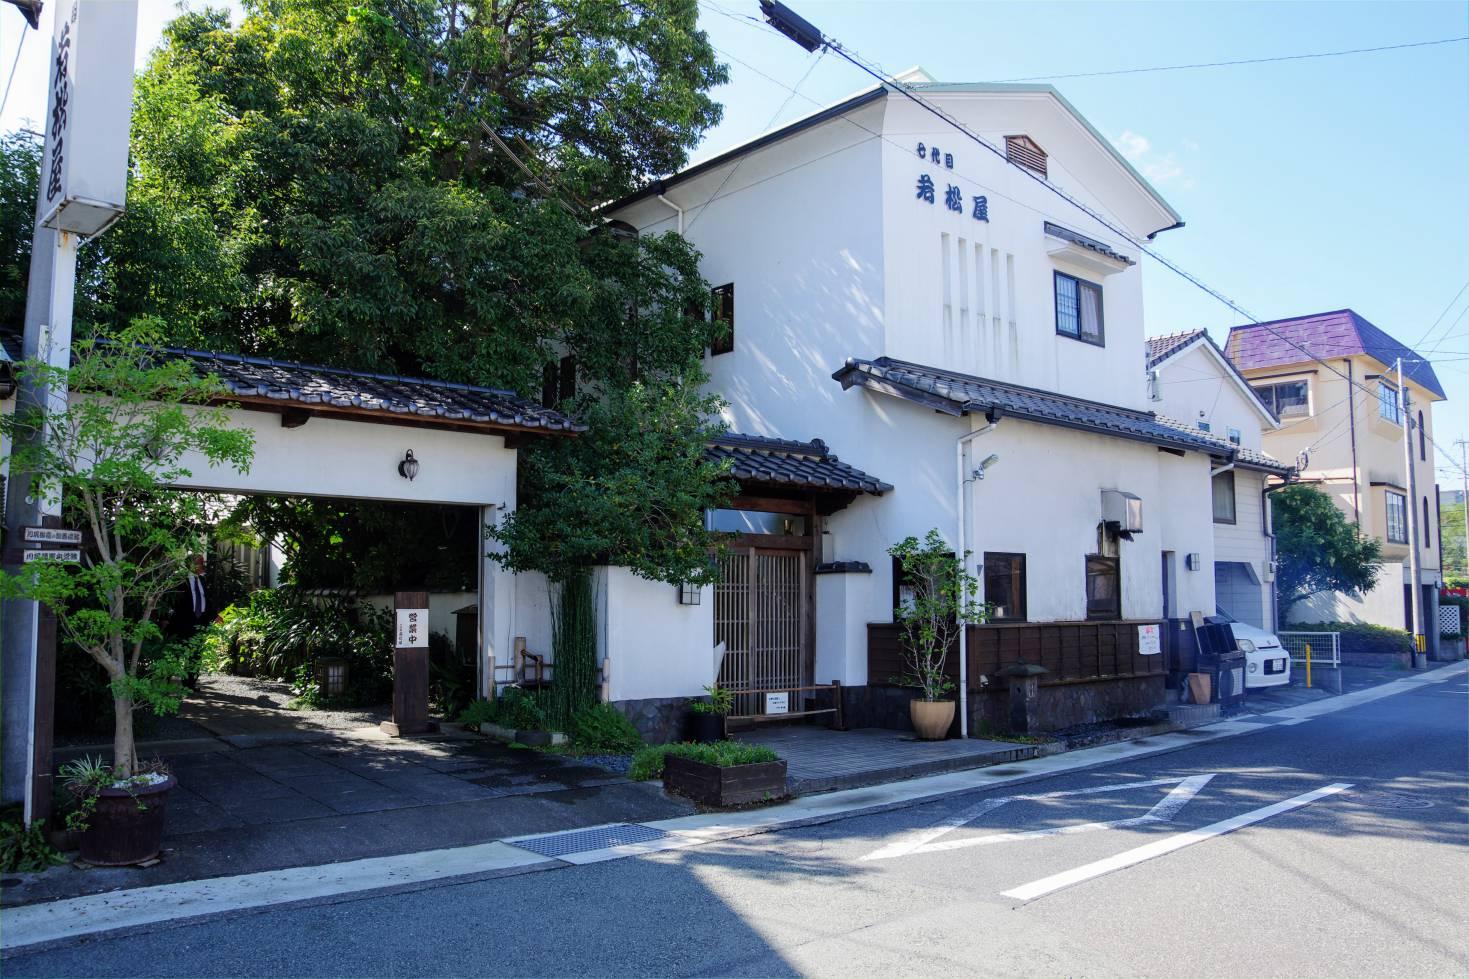 歴史を感じられる熊本市南区の川尻の歩き方のご紹介